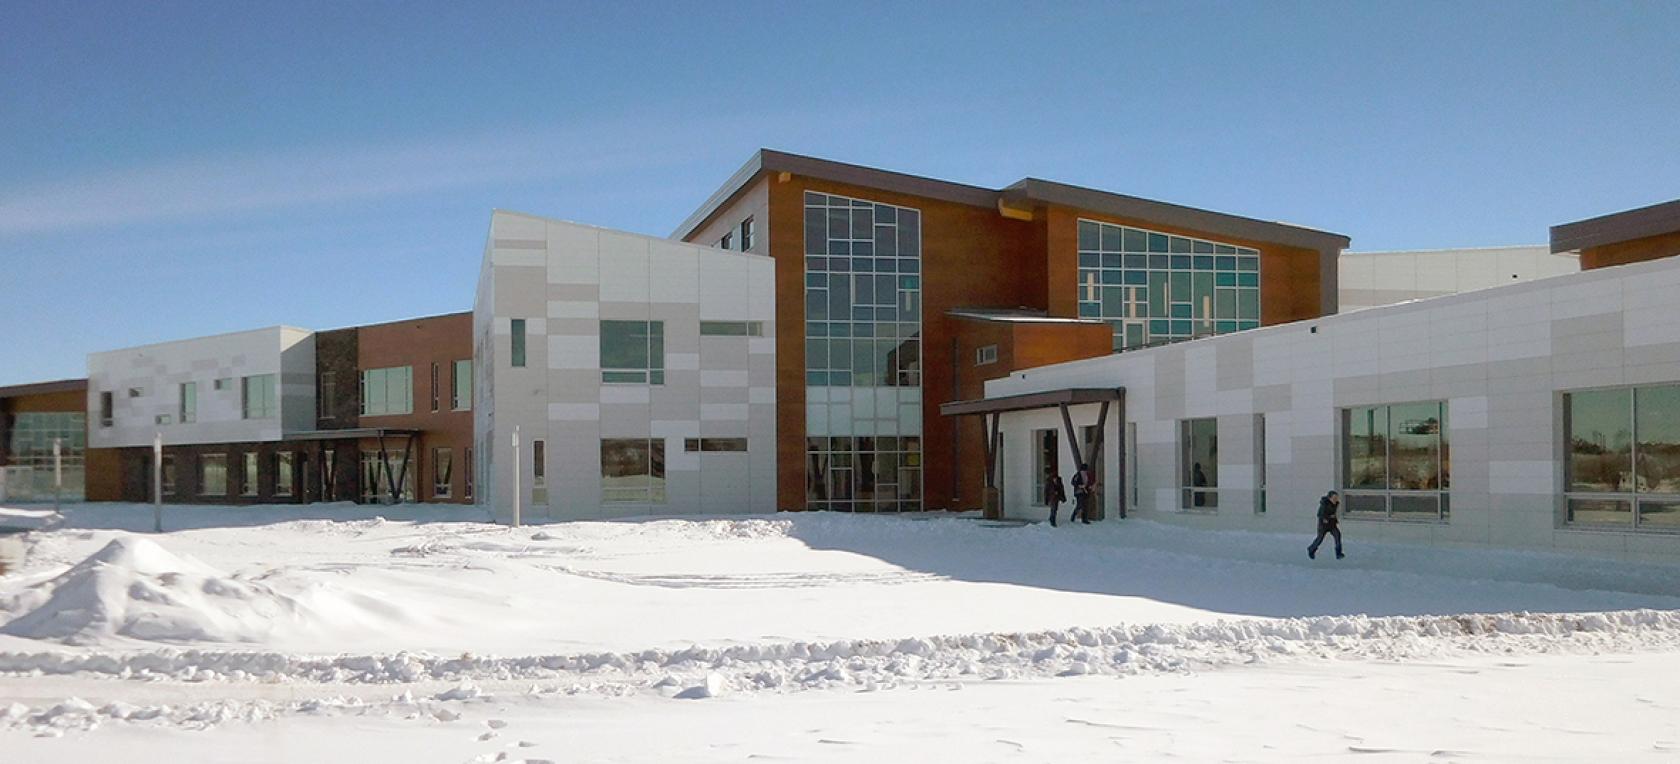 Kanada'da Lise Eğitimi İçin Strathcona-Tweedsmuir School